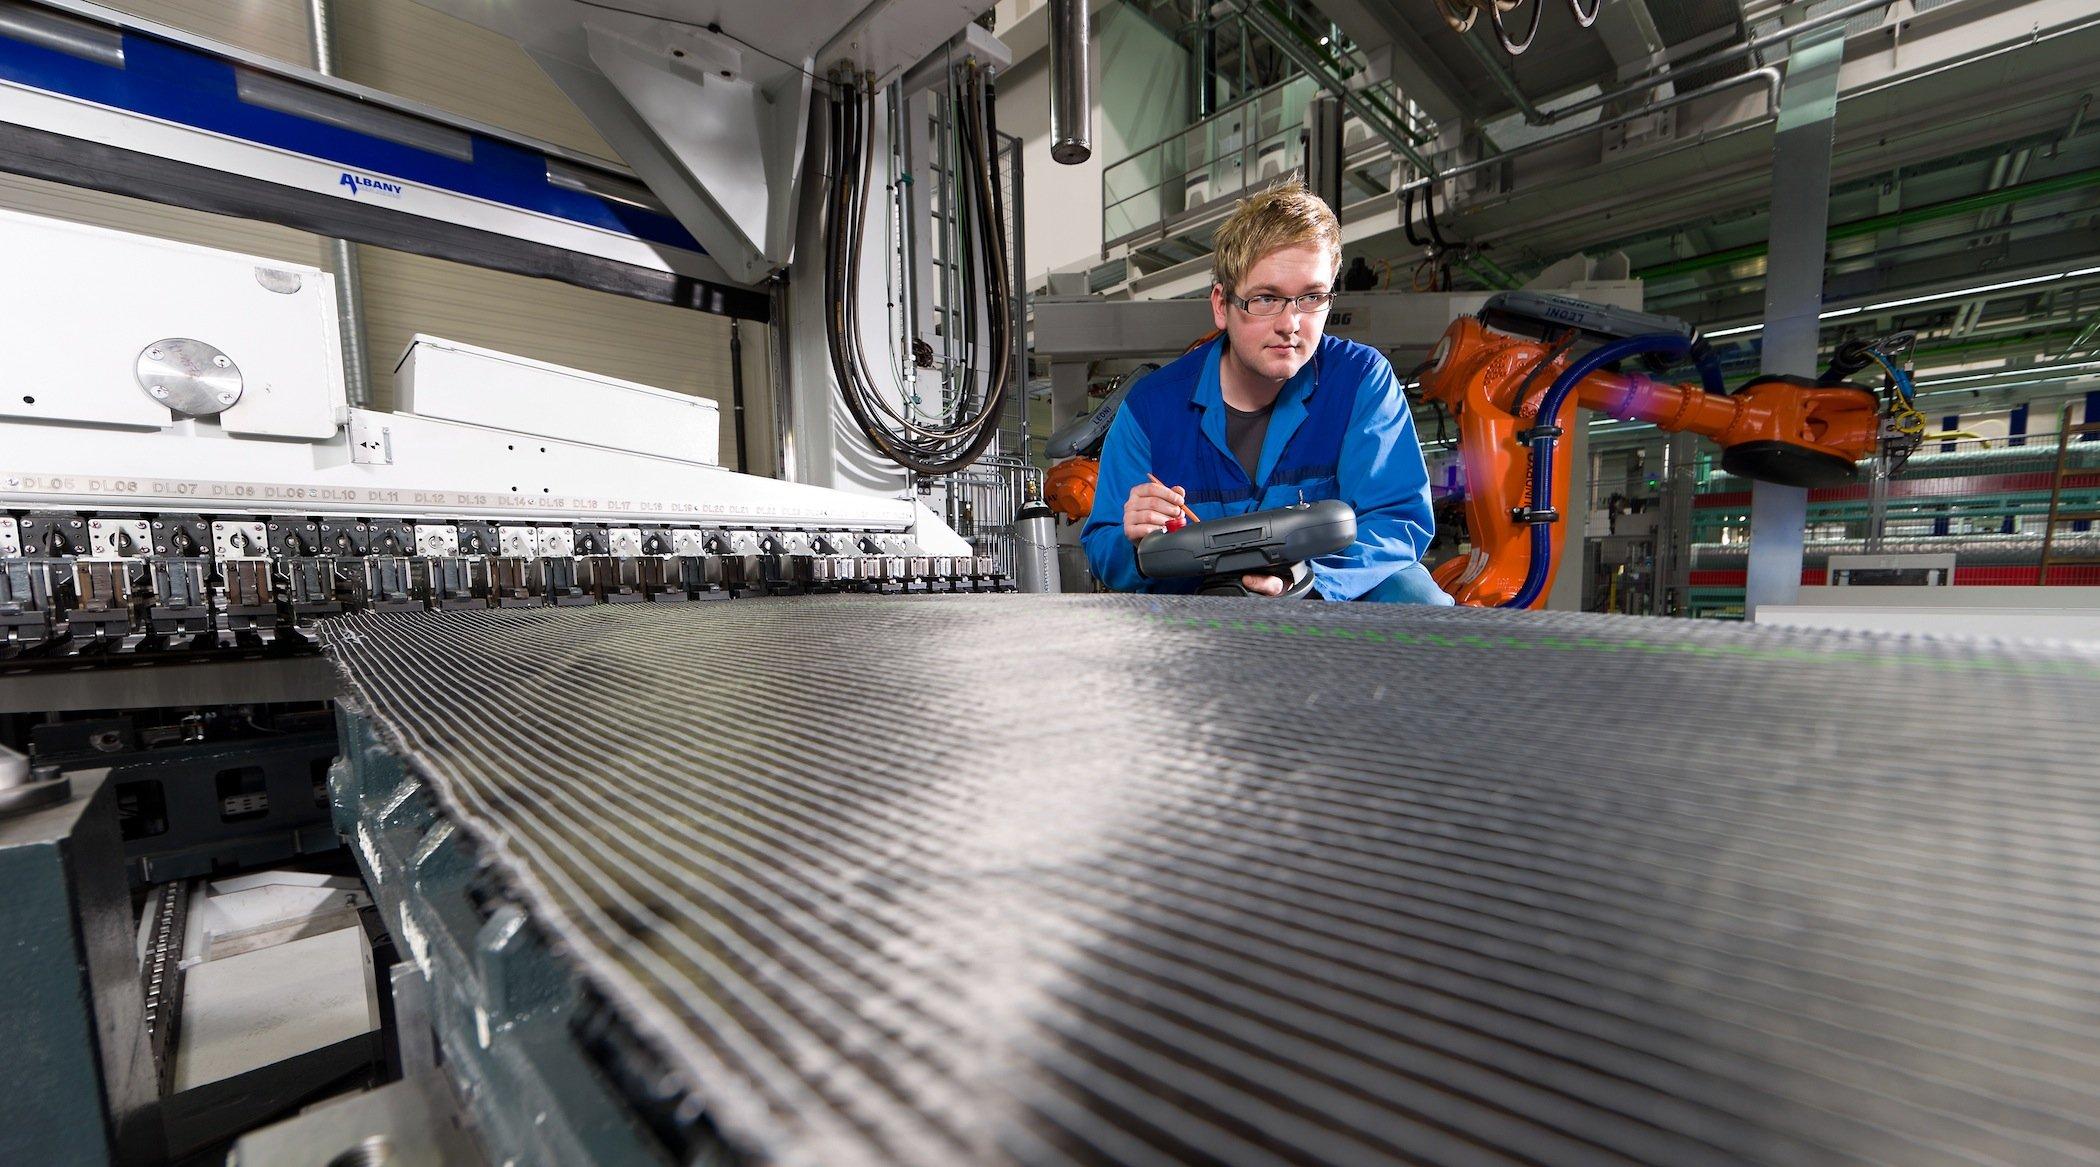 Preformanlage für CFK-Bauteile im BMW-Werk Landshut: CFK-Bauteile werden nicht verschweißt wie Stahlbauteile, sondern verklebt. Fraunhofer-Forscher haben jetzt einen neuen Kleber entwickelt, der höhere Ansprüche erfüllen soll.